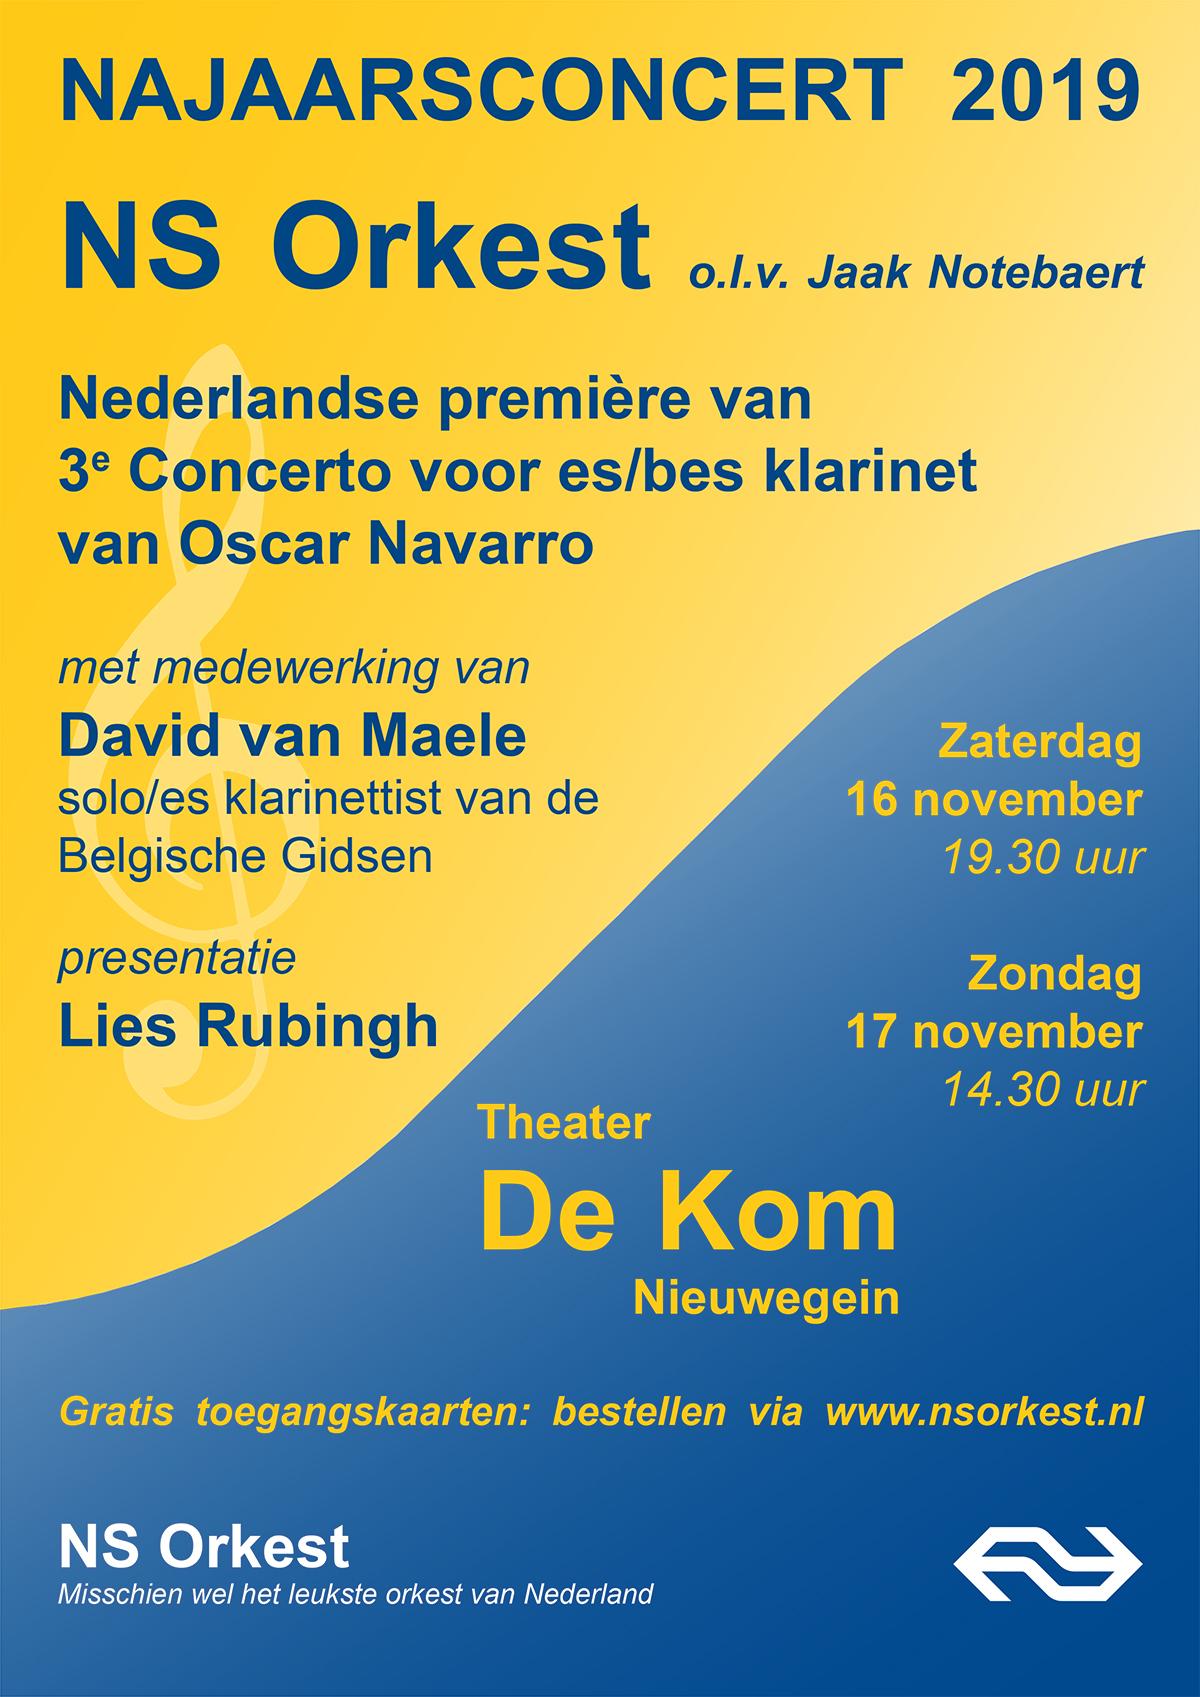 NS Orkest